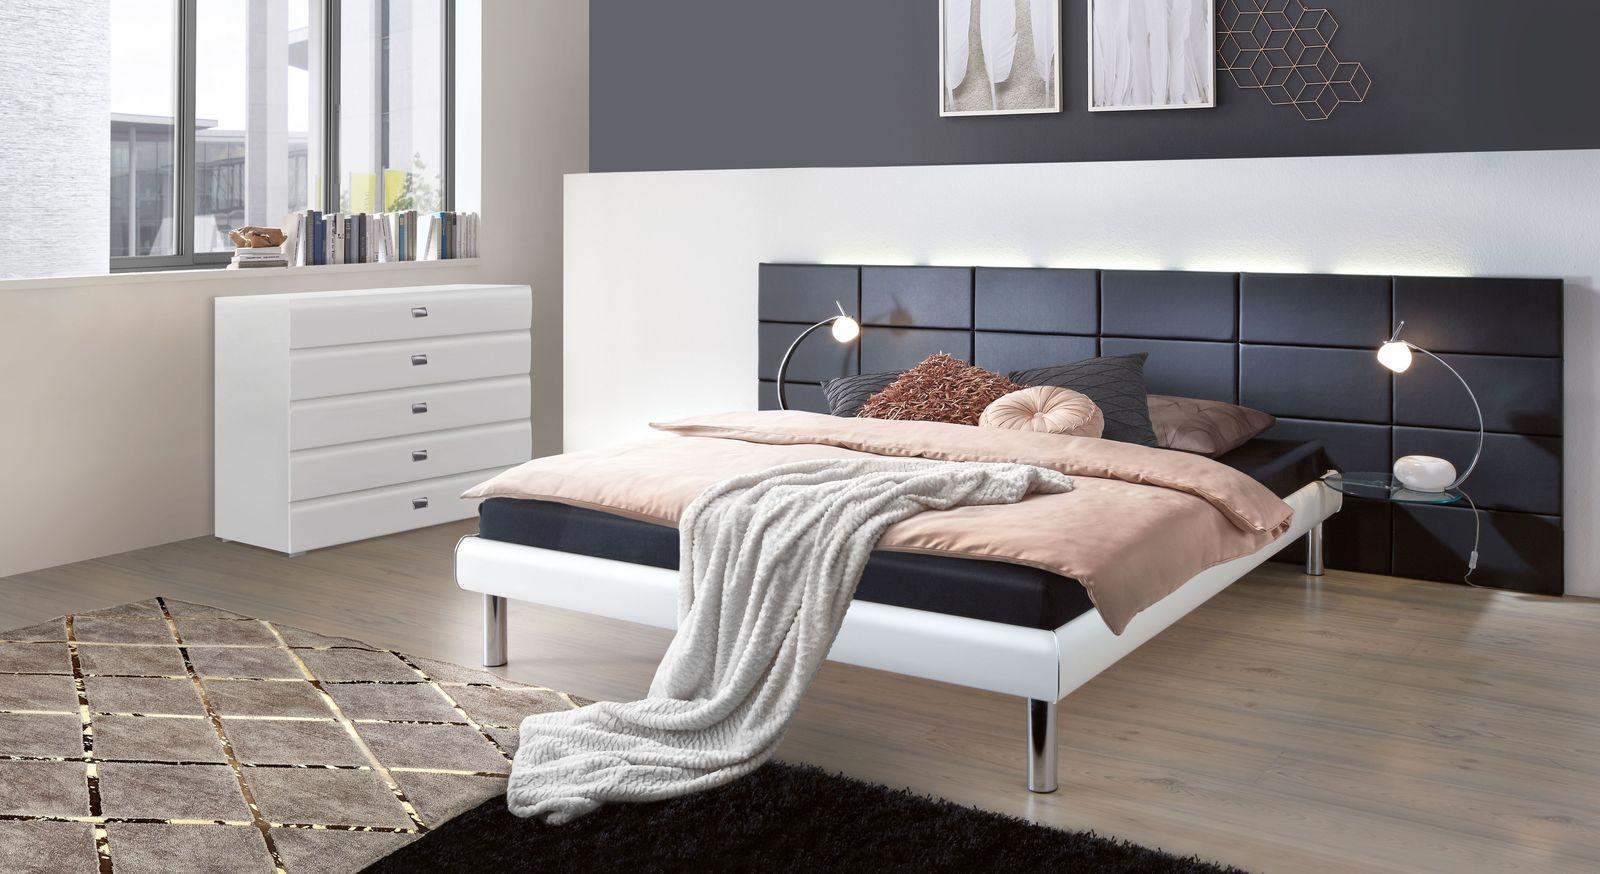 Bett Cordoba mit passender Schlafzimmer-Ausstattung